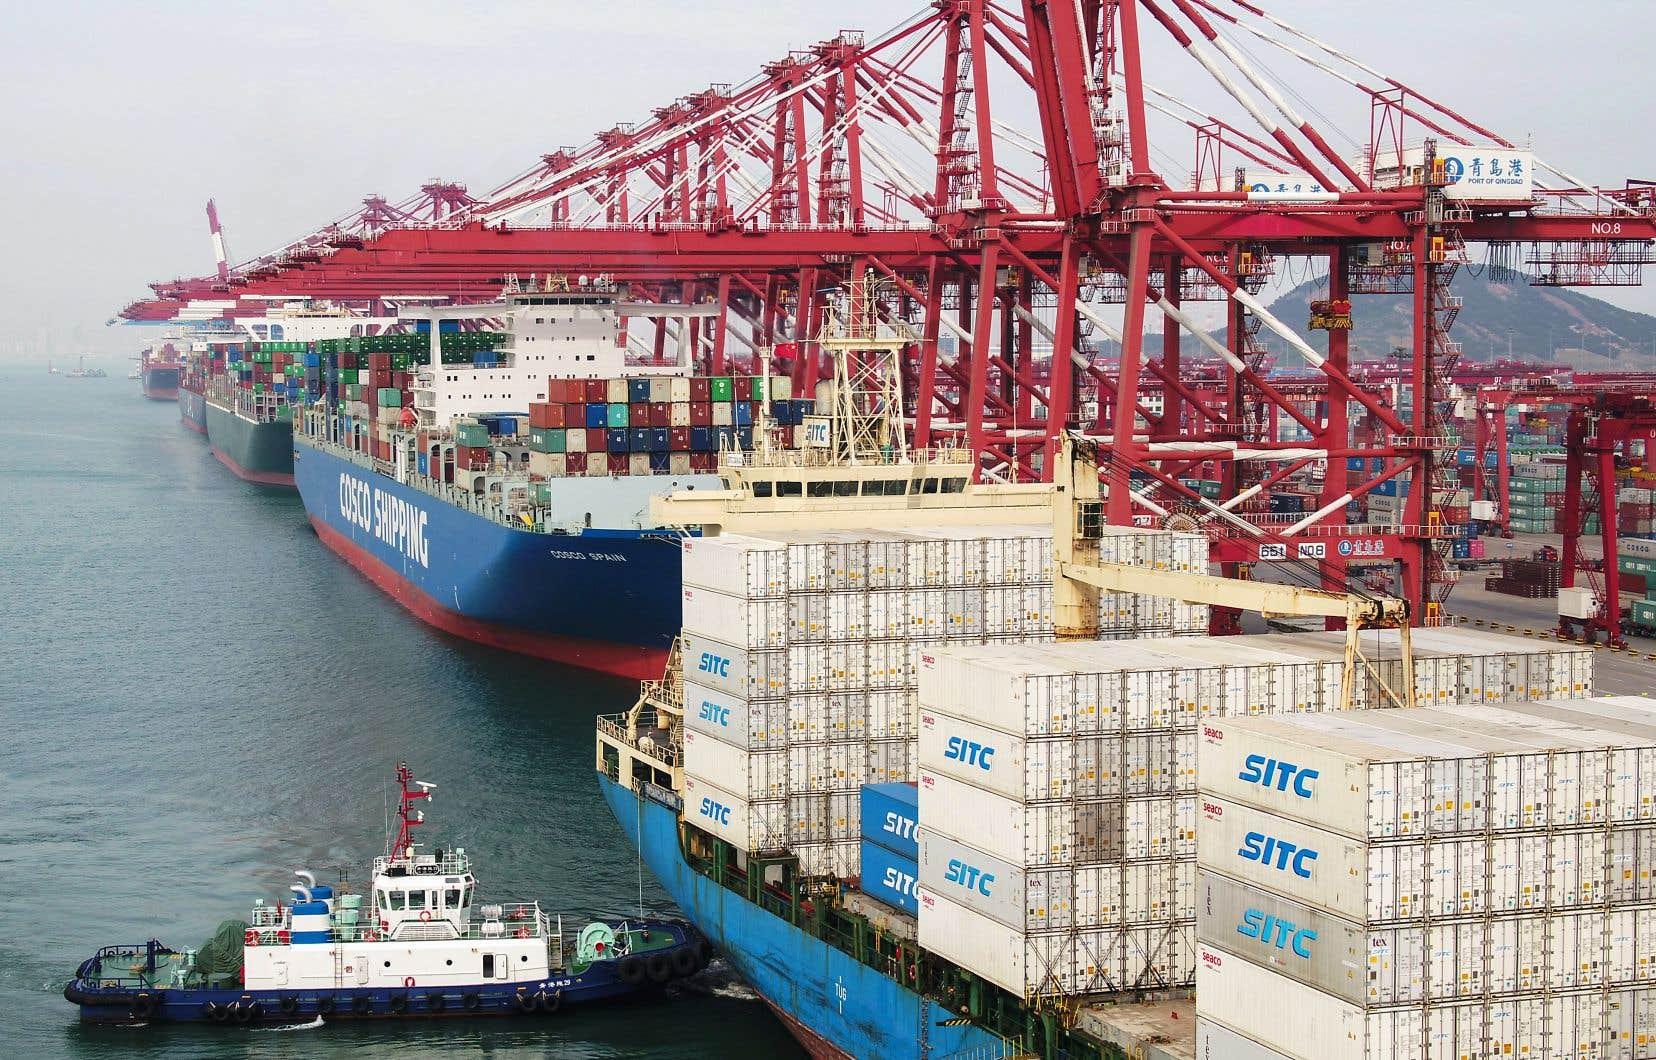 Les deux premières puissances économiques mondiales ont brandi ces derniers jours des menaces de nouvelles mesures protectionnistes.